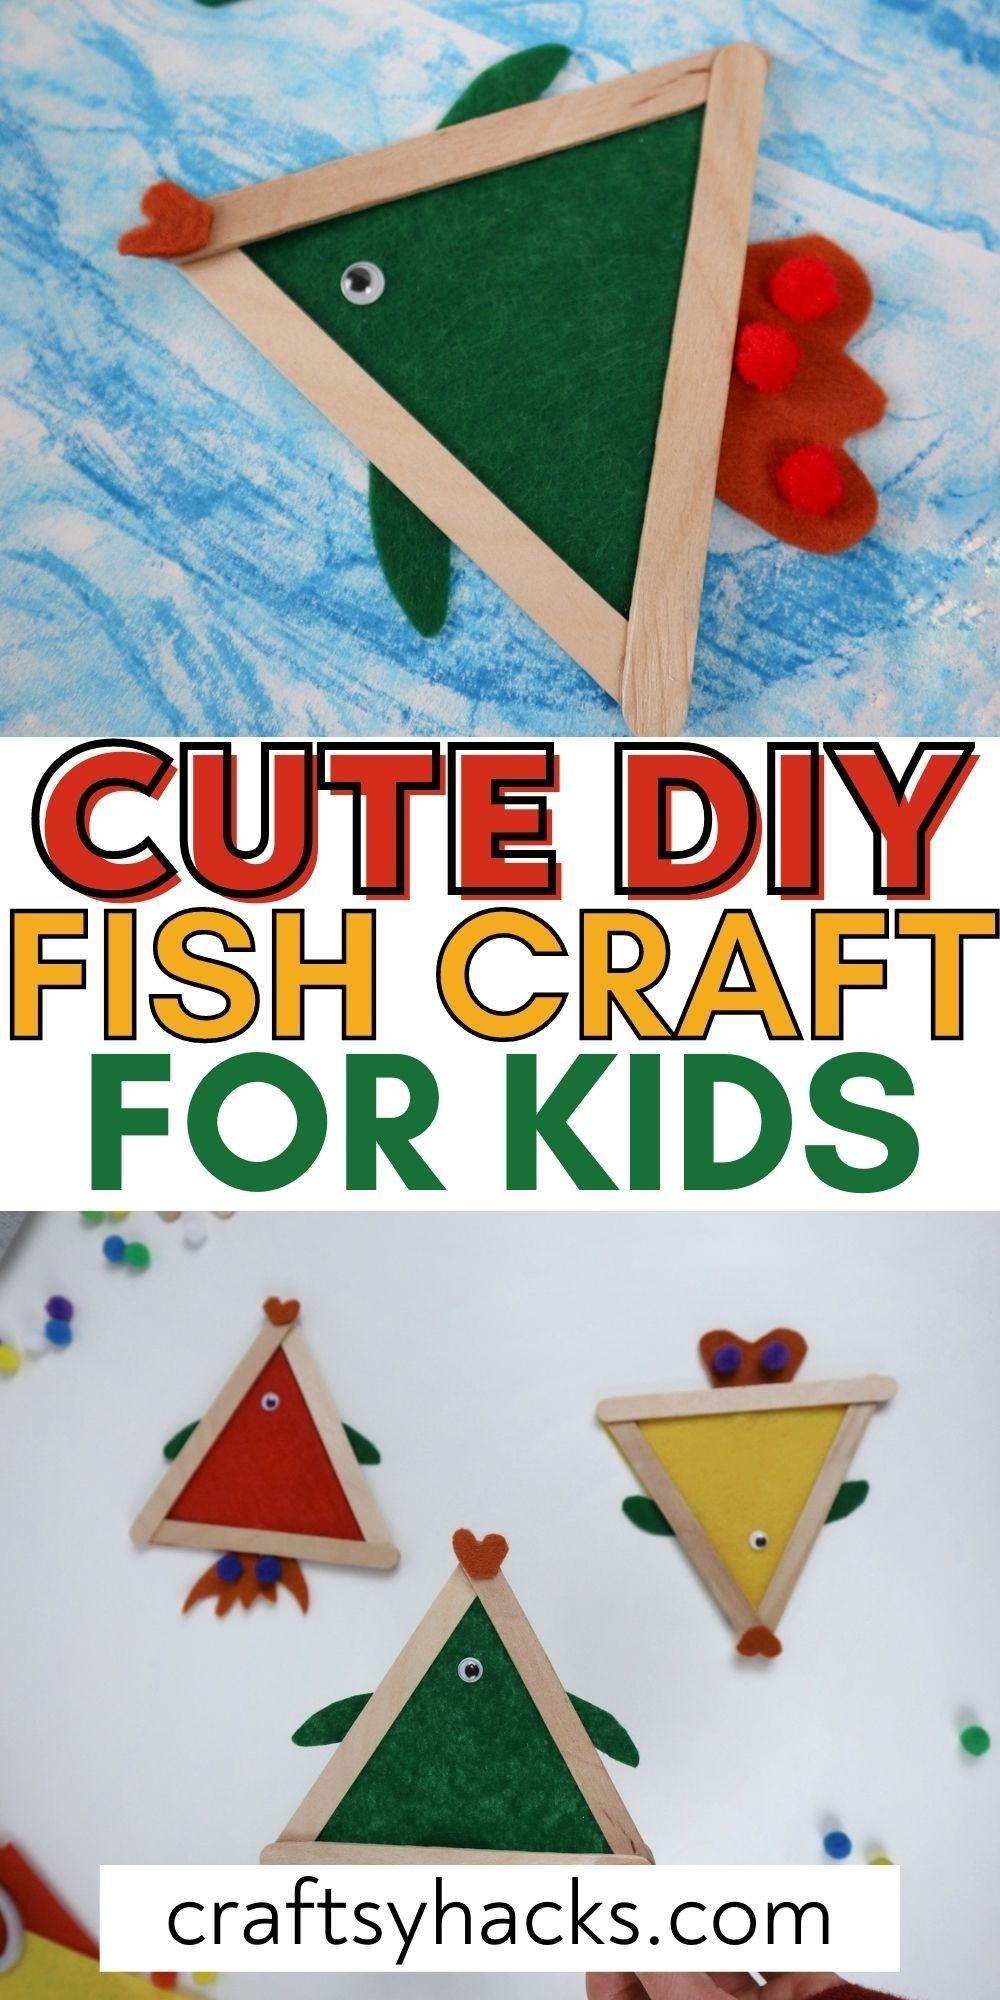 cute diy fish craft for kids